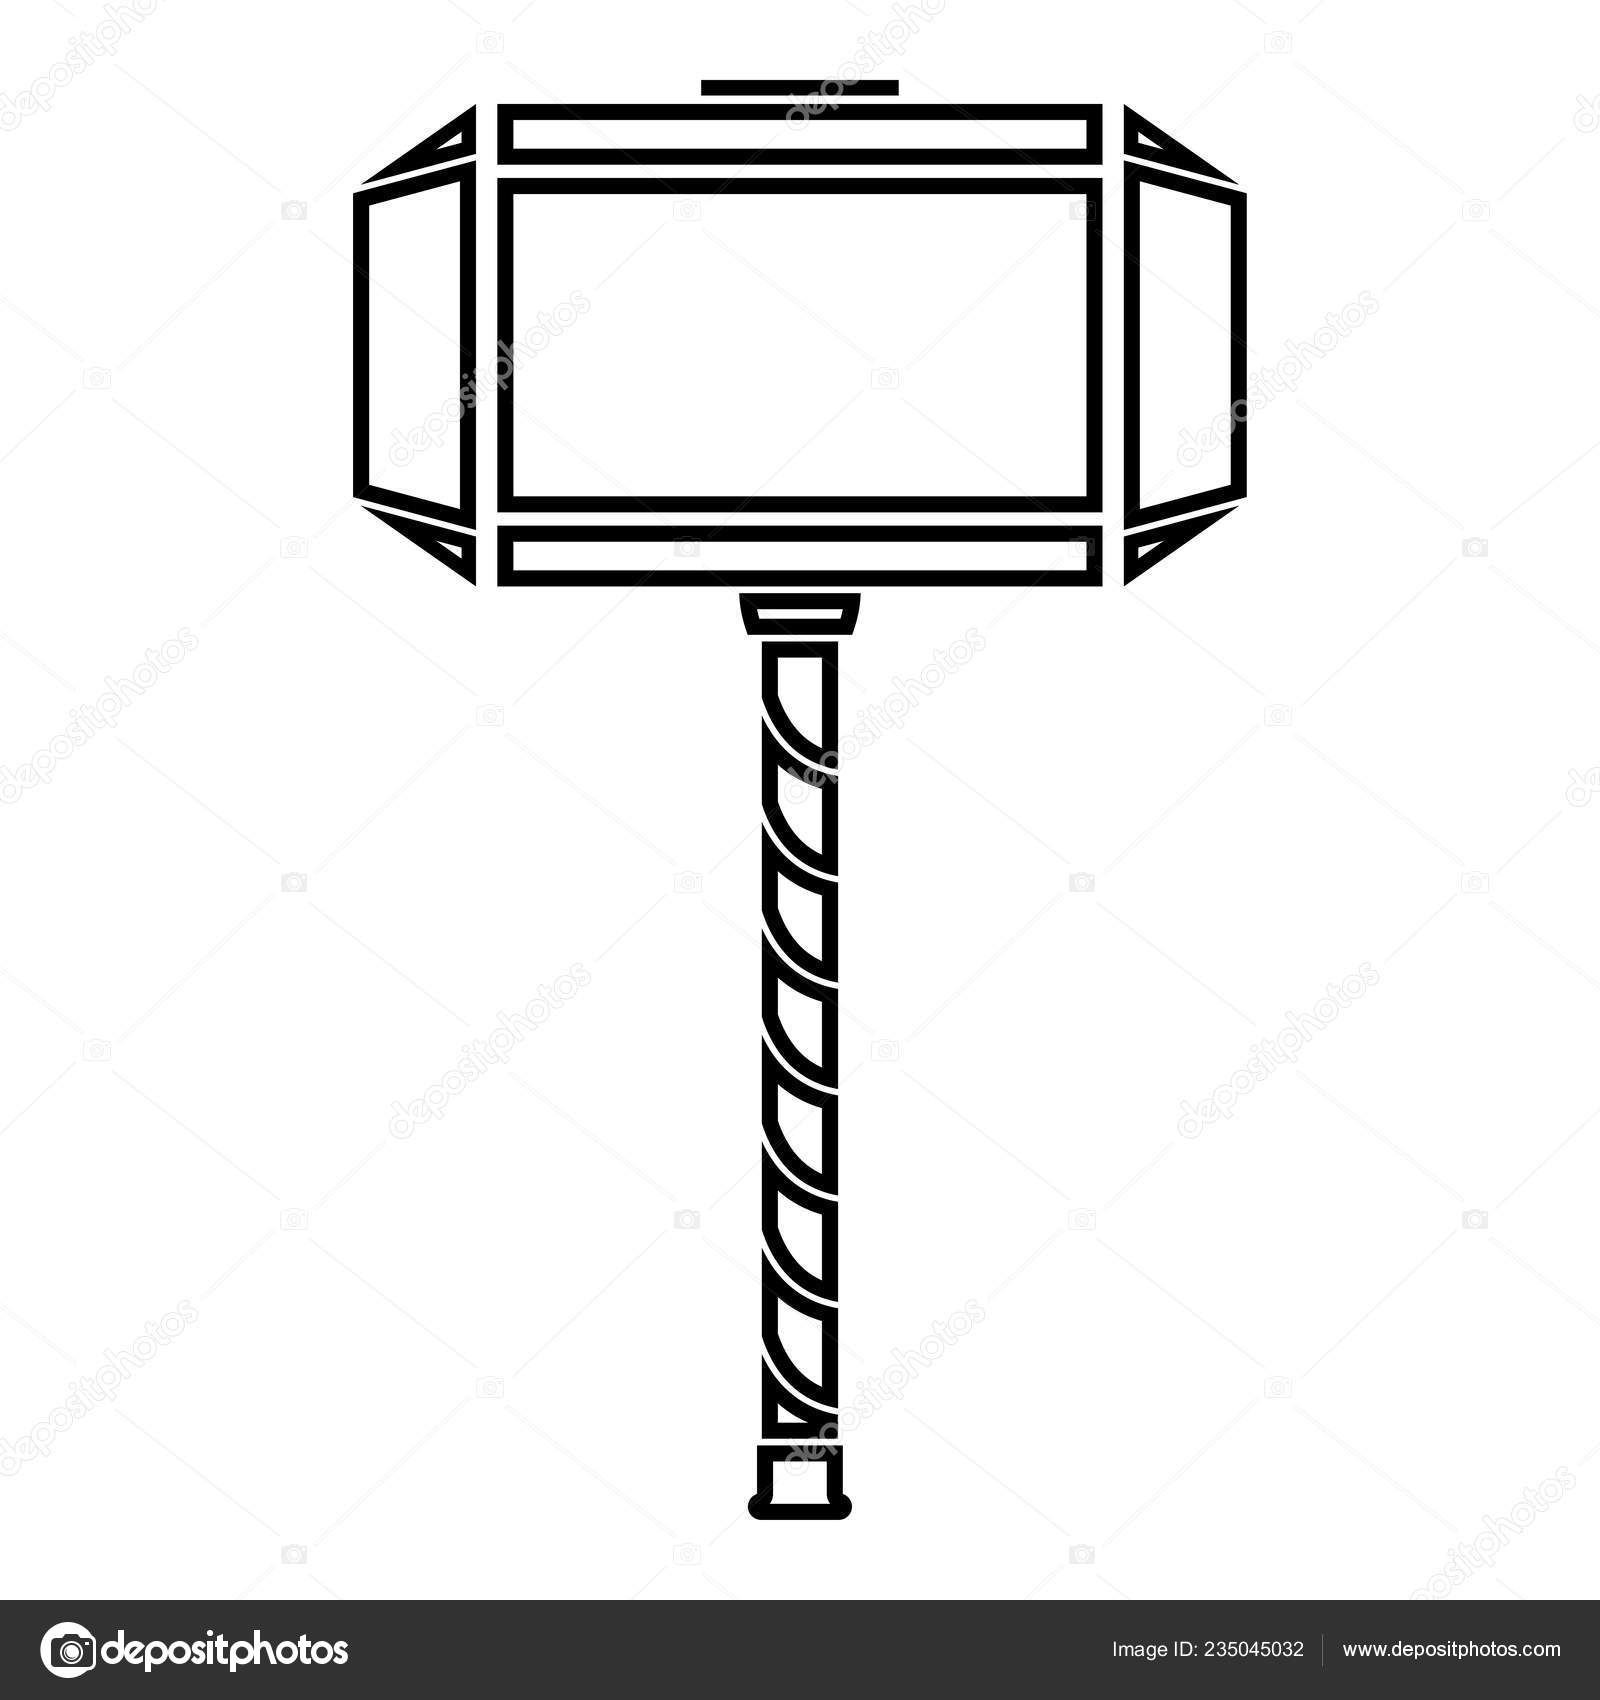 Martelo Thor Mjolnir ícone Cor Preta Ilustração Estilo Plano